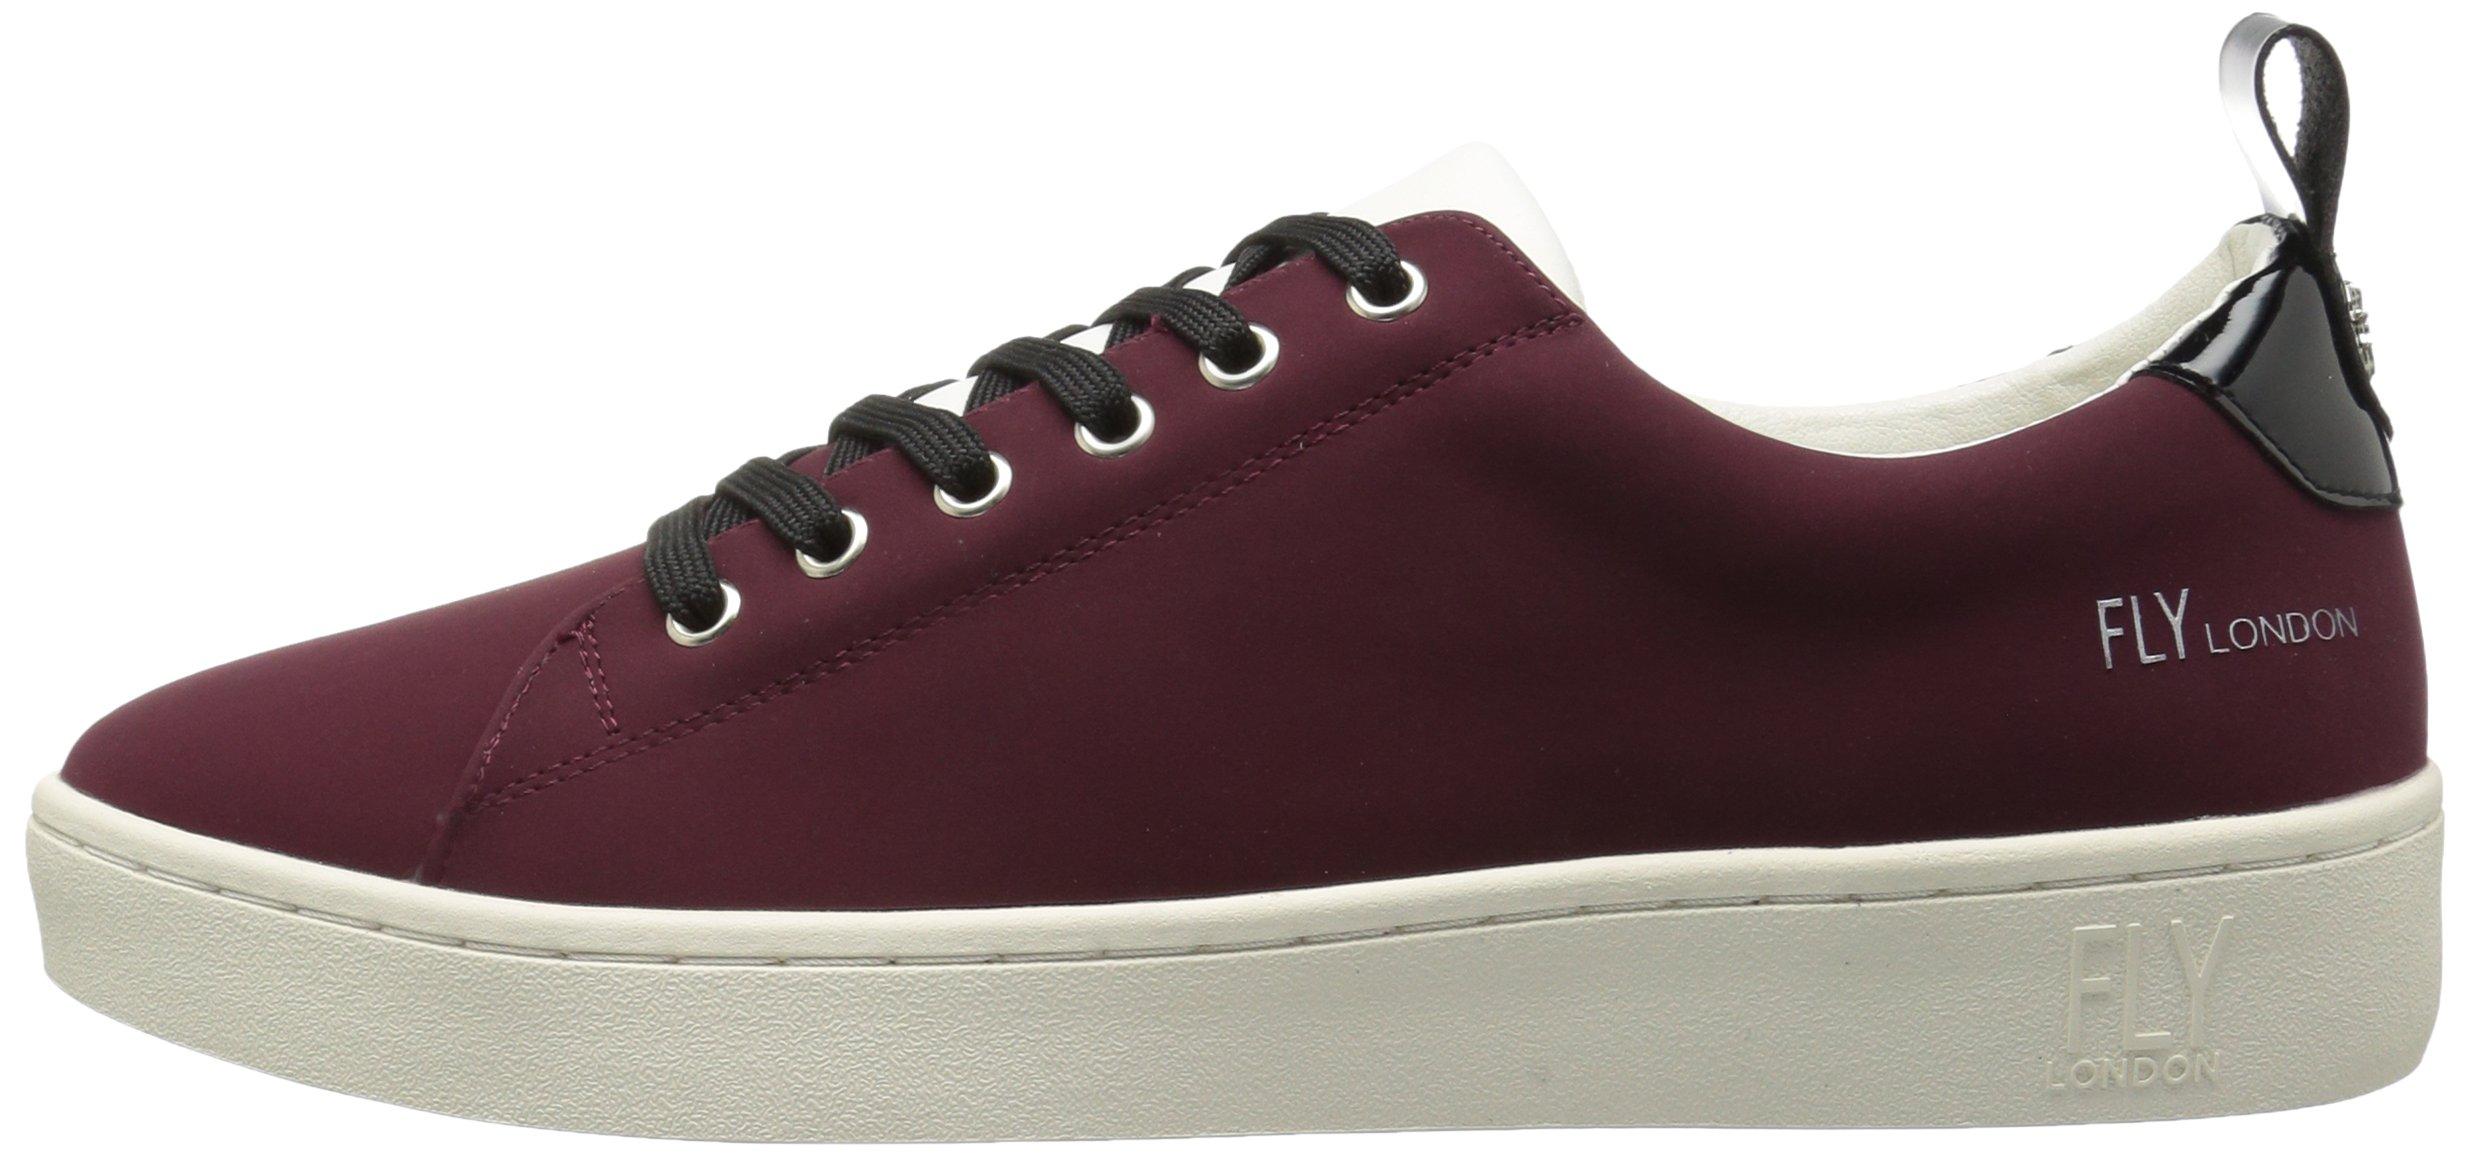 FLY London Women's MACO833FLY Sneaker, Bordeaux/Black Nubuck/Patent, 37 M EU (6.5-7 US) by FLY London (Image #5)